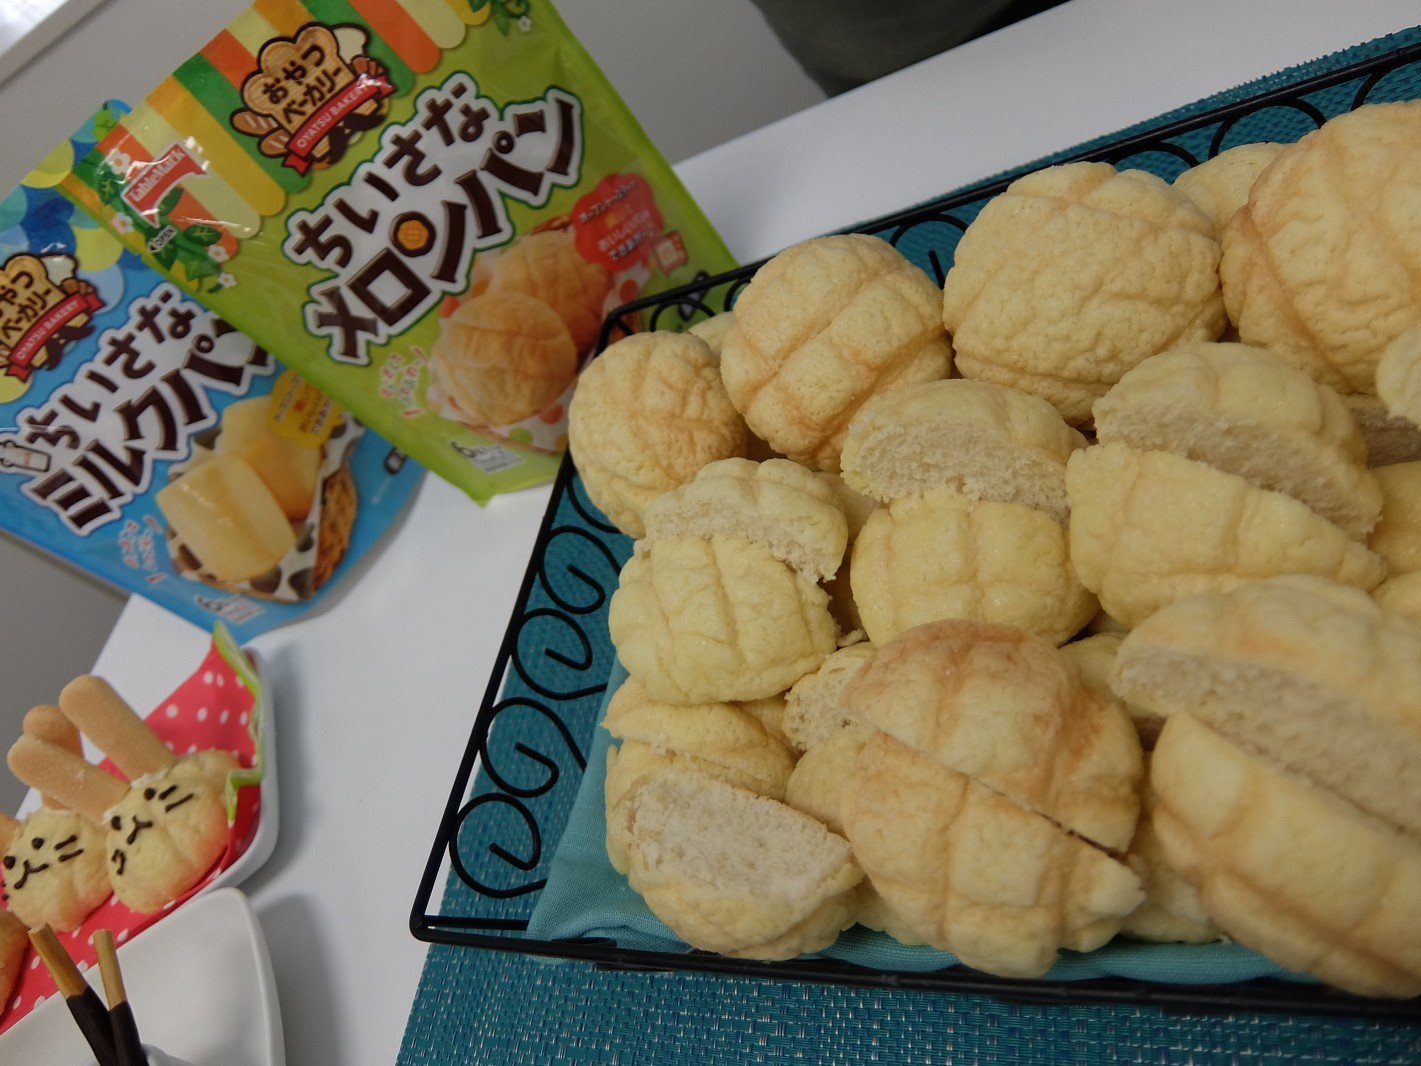 親子で作る「焼きたてパン」。デコっても楽しいメロンパンはデザート系?